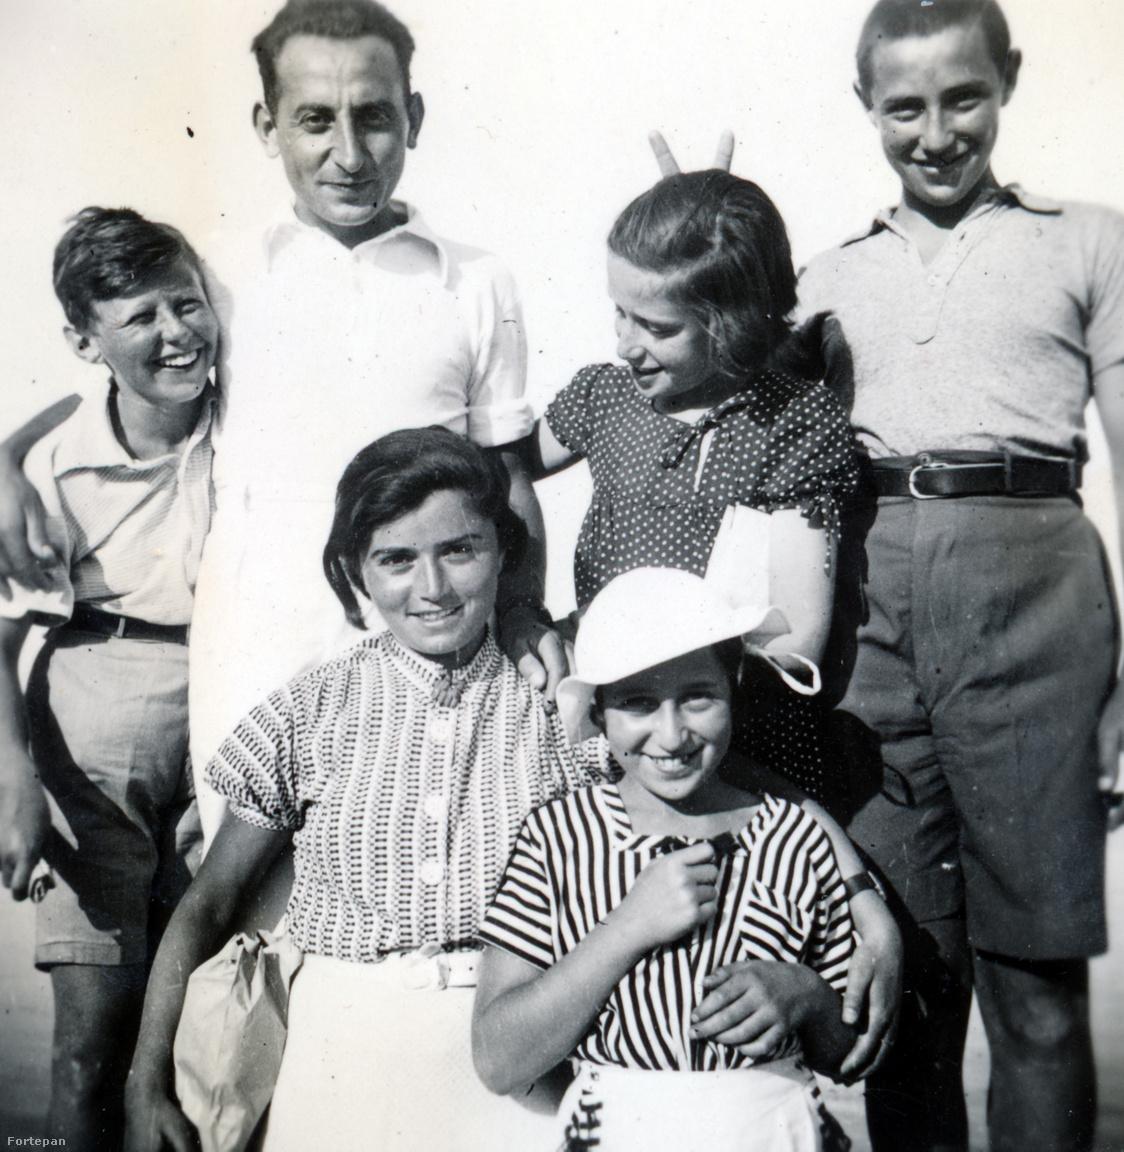 Lichter Rut általa felügyelt gyerekekkelA harmincas évek elején zsidó hontalanként egyre nehezebb lett az élet Németországban: míg családja a Palesztinába való kivándorlást választotta, Rut maradék pénzéből vett egy vonatjegyet Budapestre, hogy német nyelviskolát nyisson egy Berlinből ismert magyar barátnőjével, Török Ruthtal. Rövid ideig egy németnyelvű óvodában dolgozott, itt ismerkedett meg a gyerekeknek művészi tornát és mozgásművészetet tanító Preisich Irénnel,aki gyógytornászként dolgozott egészen 102 éves koráig.